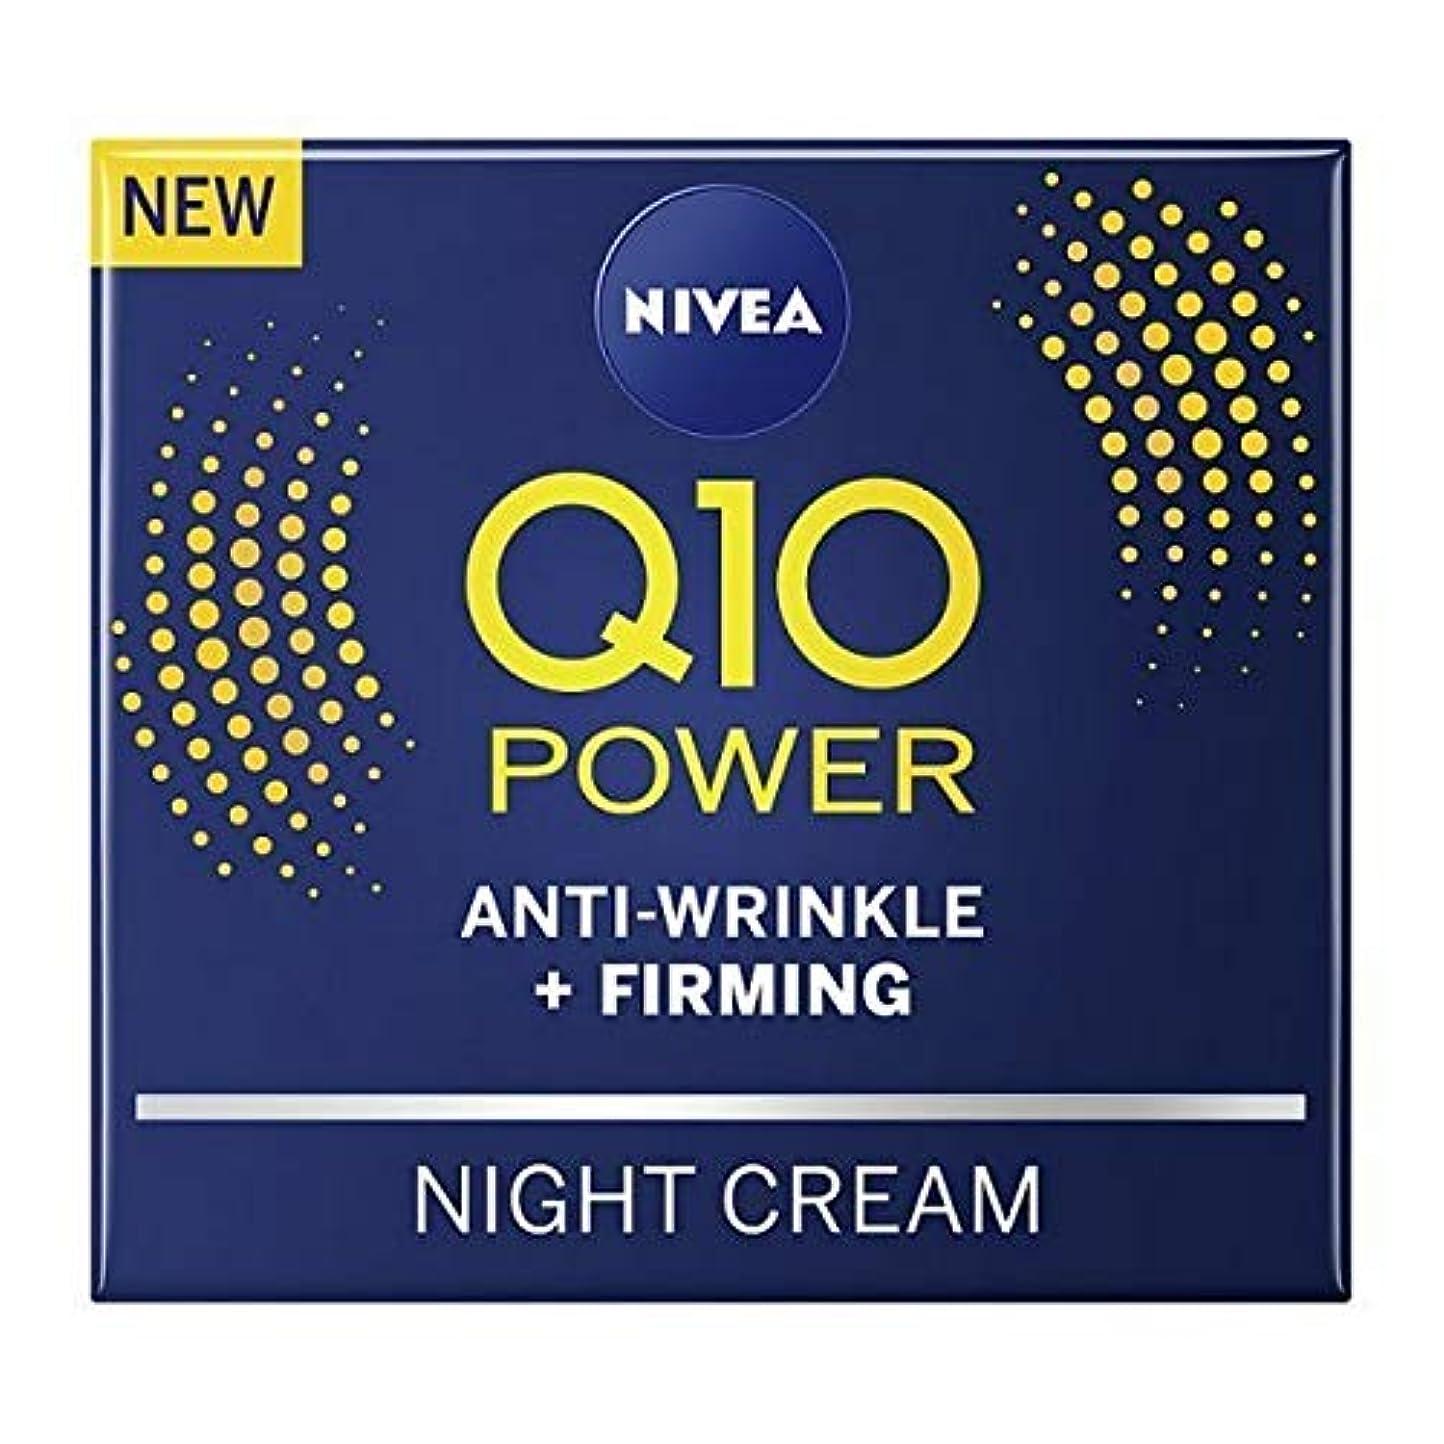 メカニック認証フォージ[Nivea ] ニベアQ10パワー抗シワ+引き締めナイトクリーム50Ml - NIVEA Q10 Power Anti-Wrinkle + Firming Night Cream 50ml [並行輸入品]